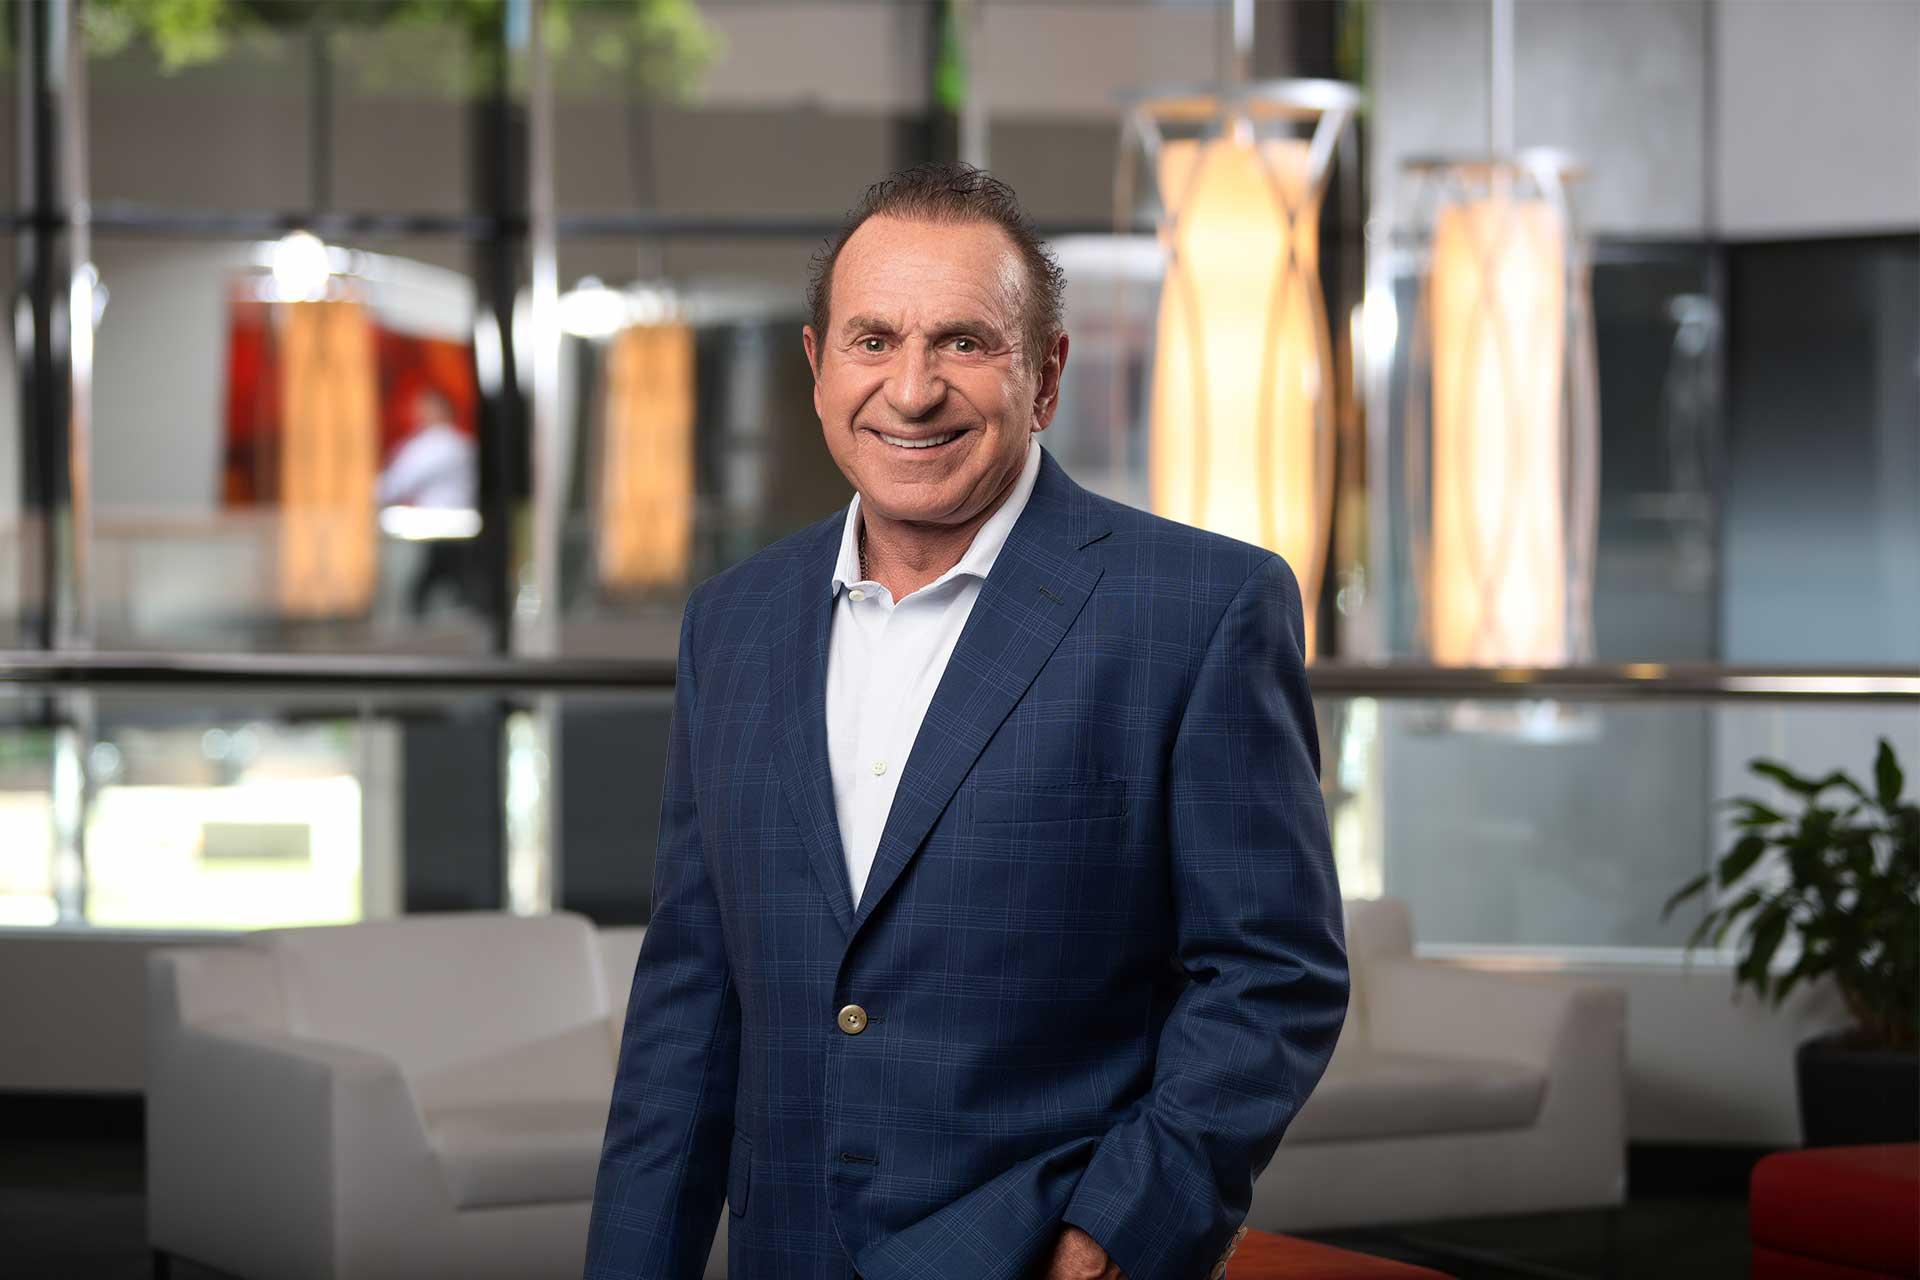 Daniel Vietto